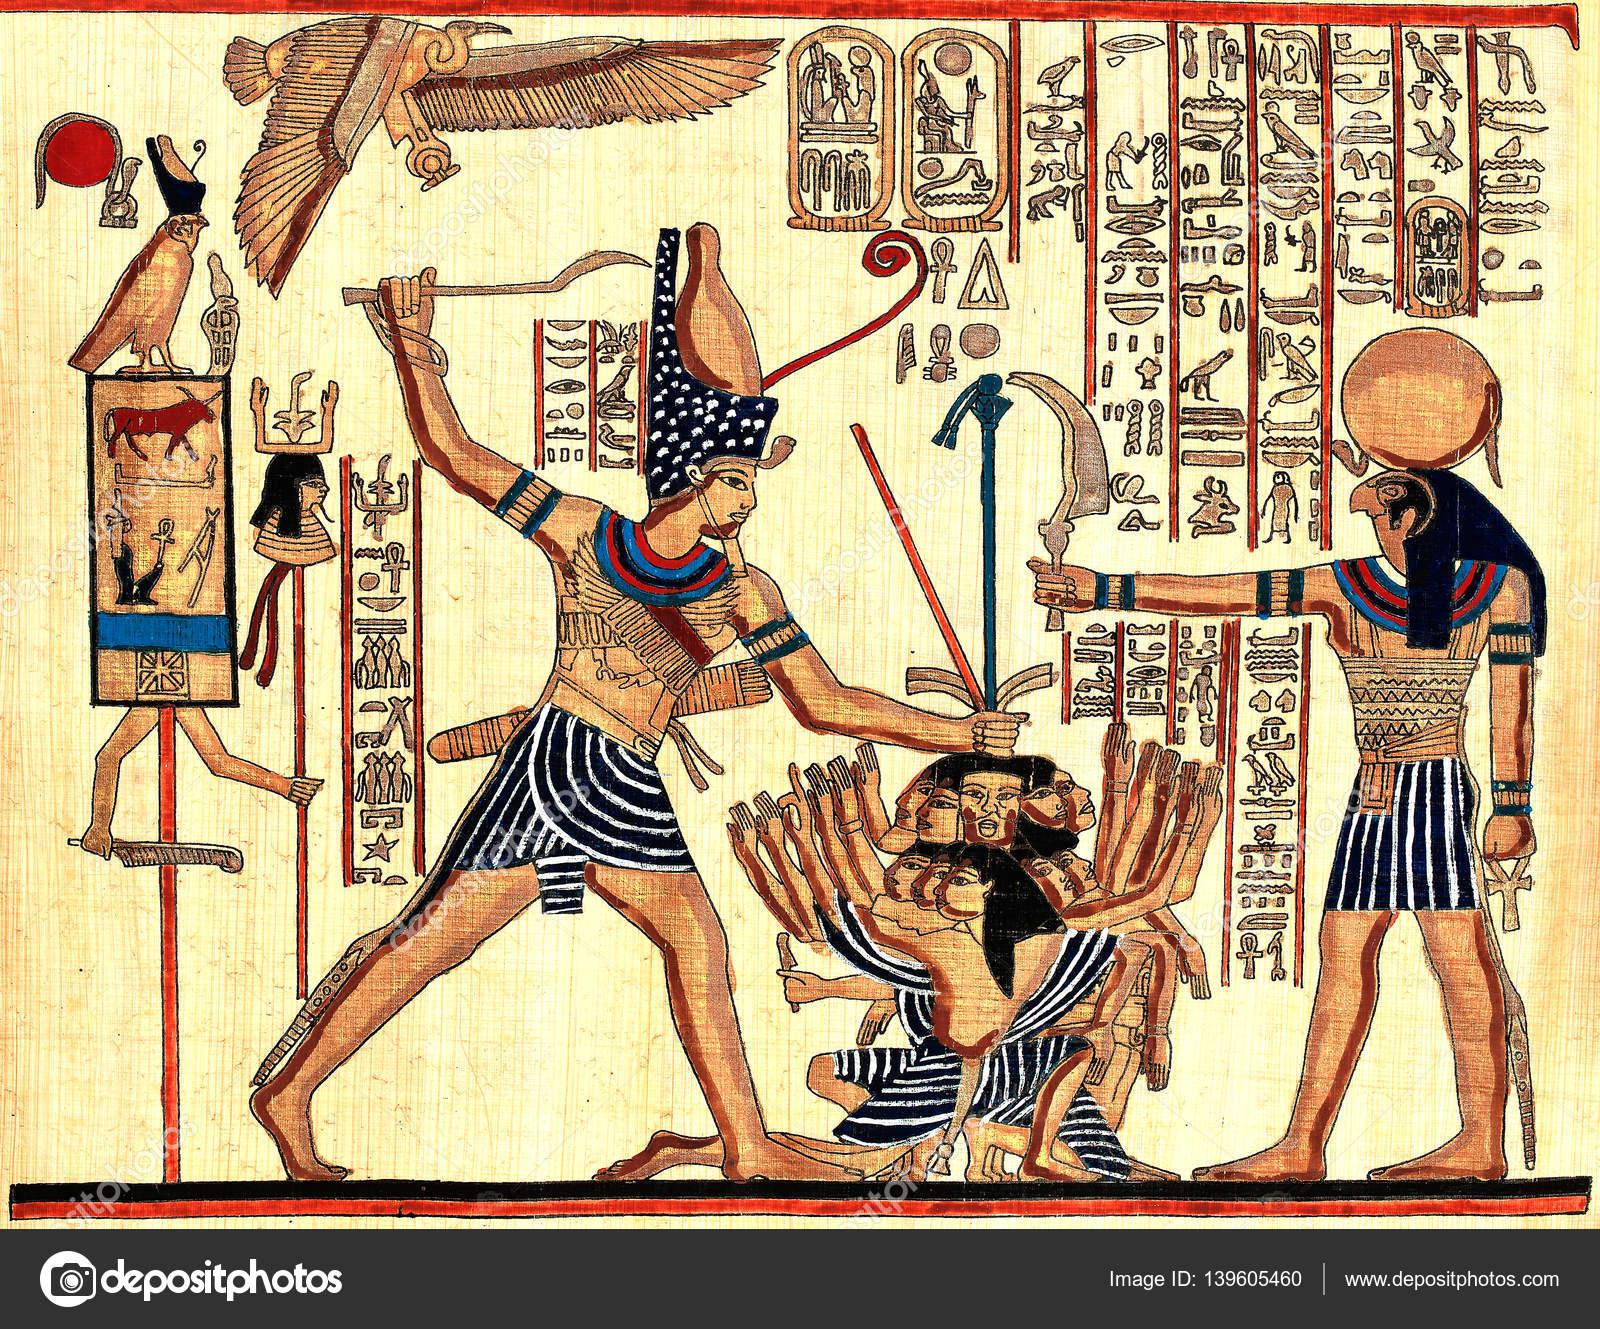 Foto de papiros egipcios — Foto de stock © cobalt88 #139605460